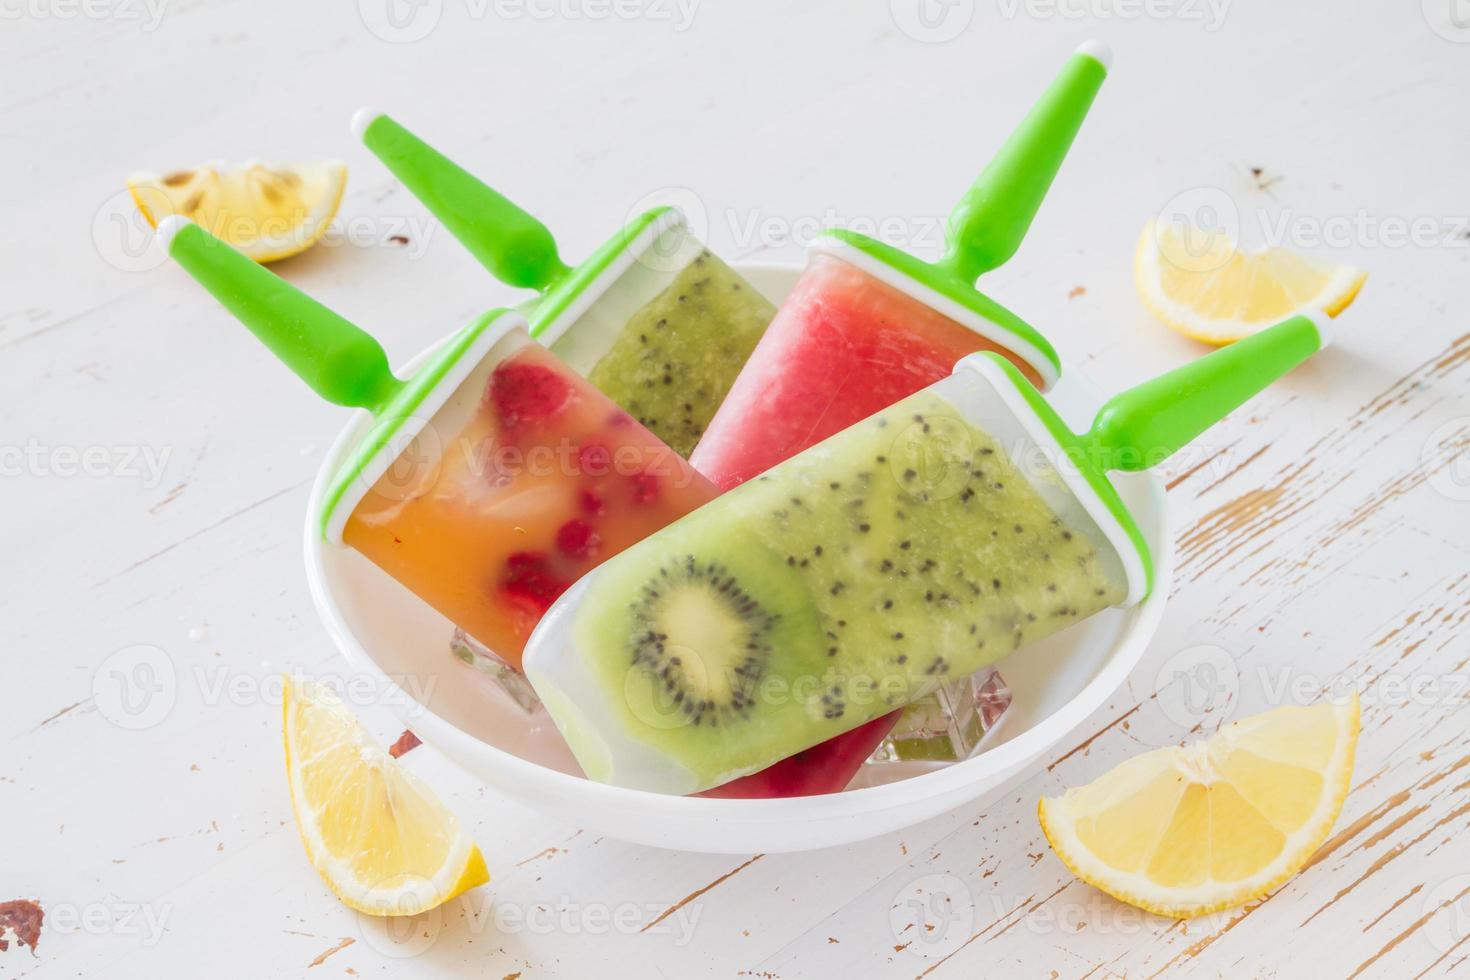 fruitijs springt met kiwi, watermeloen, bessen in witte kom foto